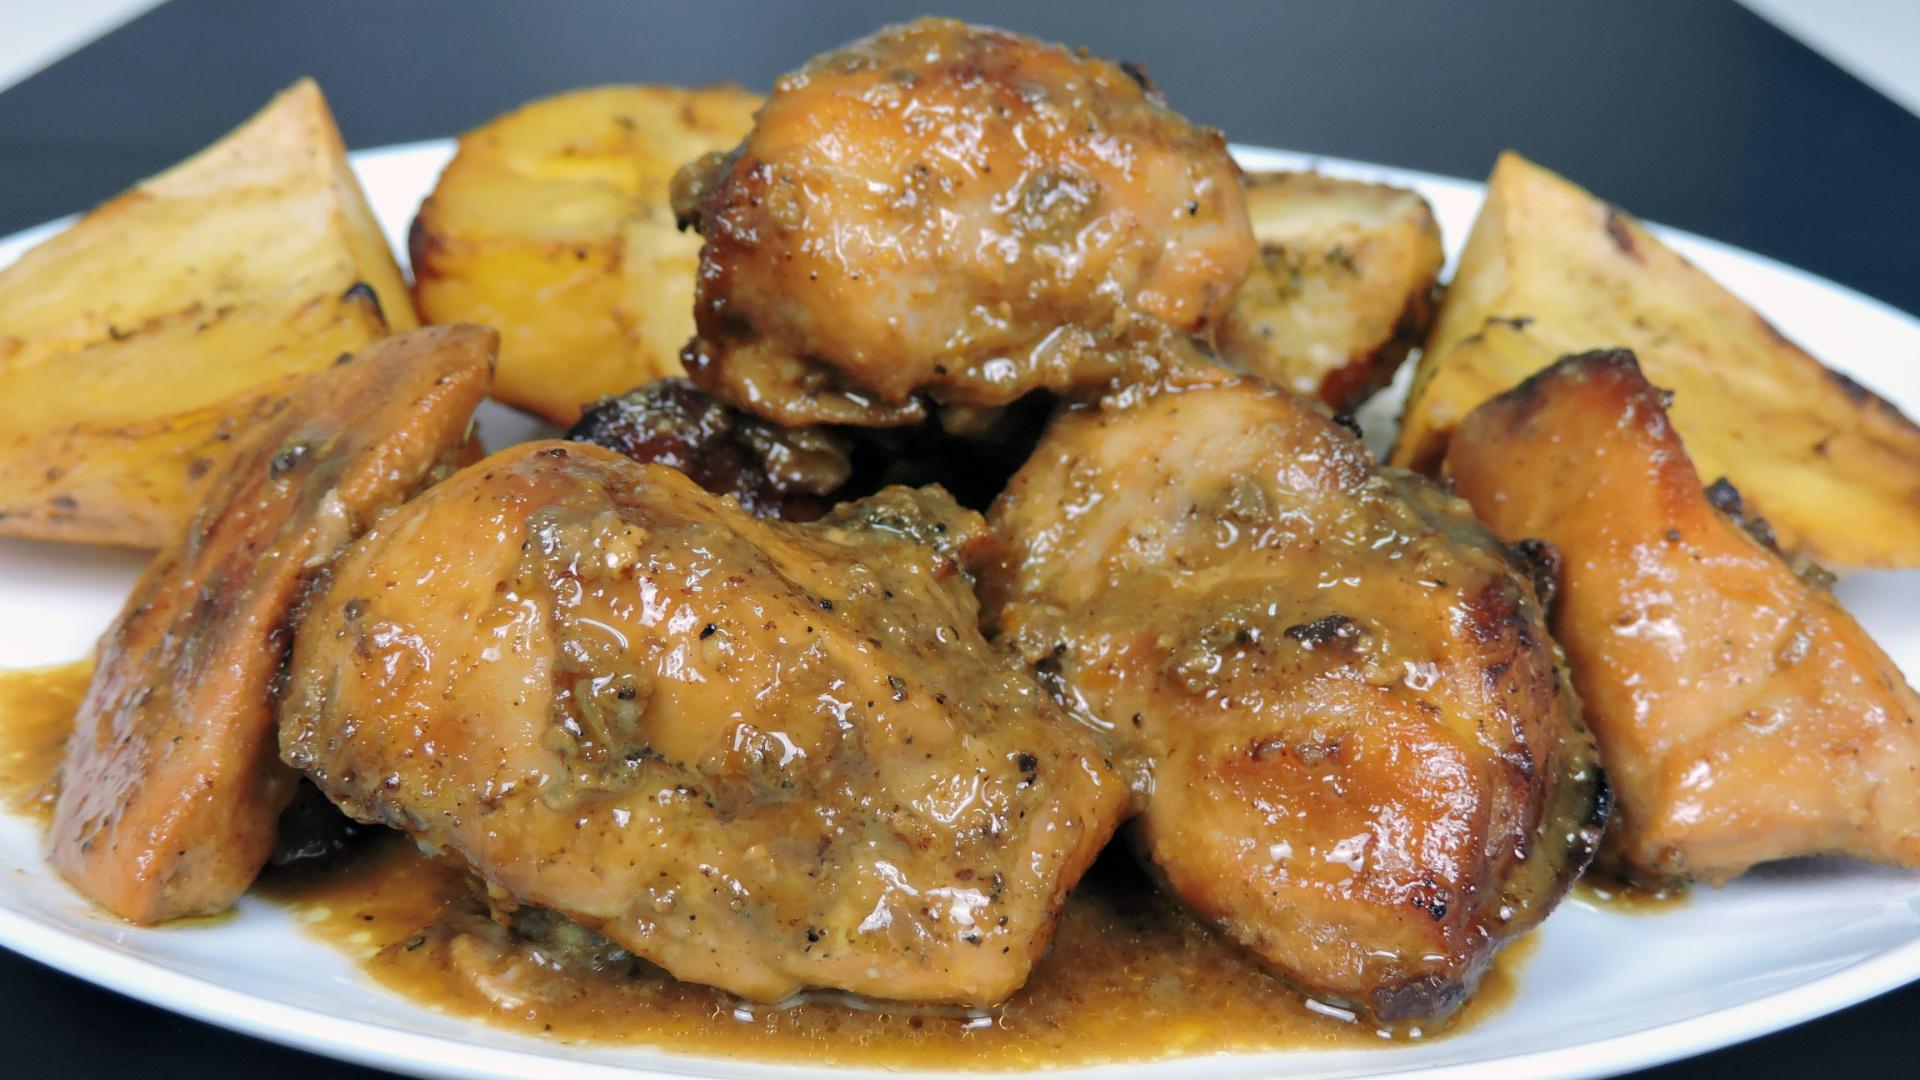 Pollo asado con miel, mostaza y naranja